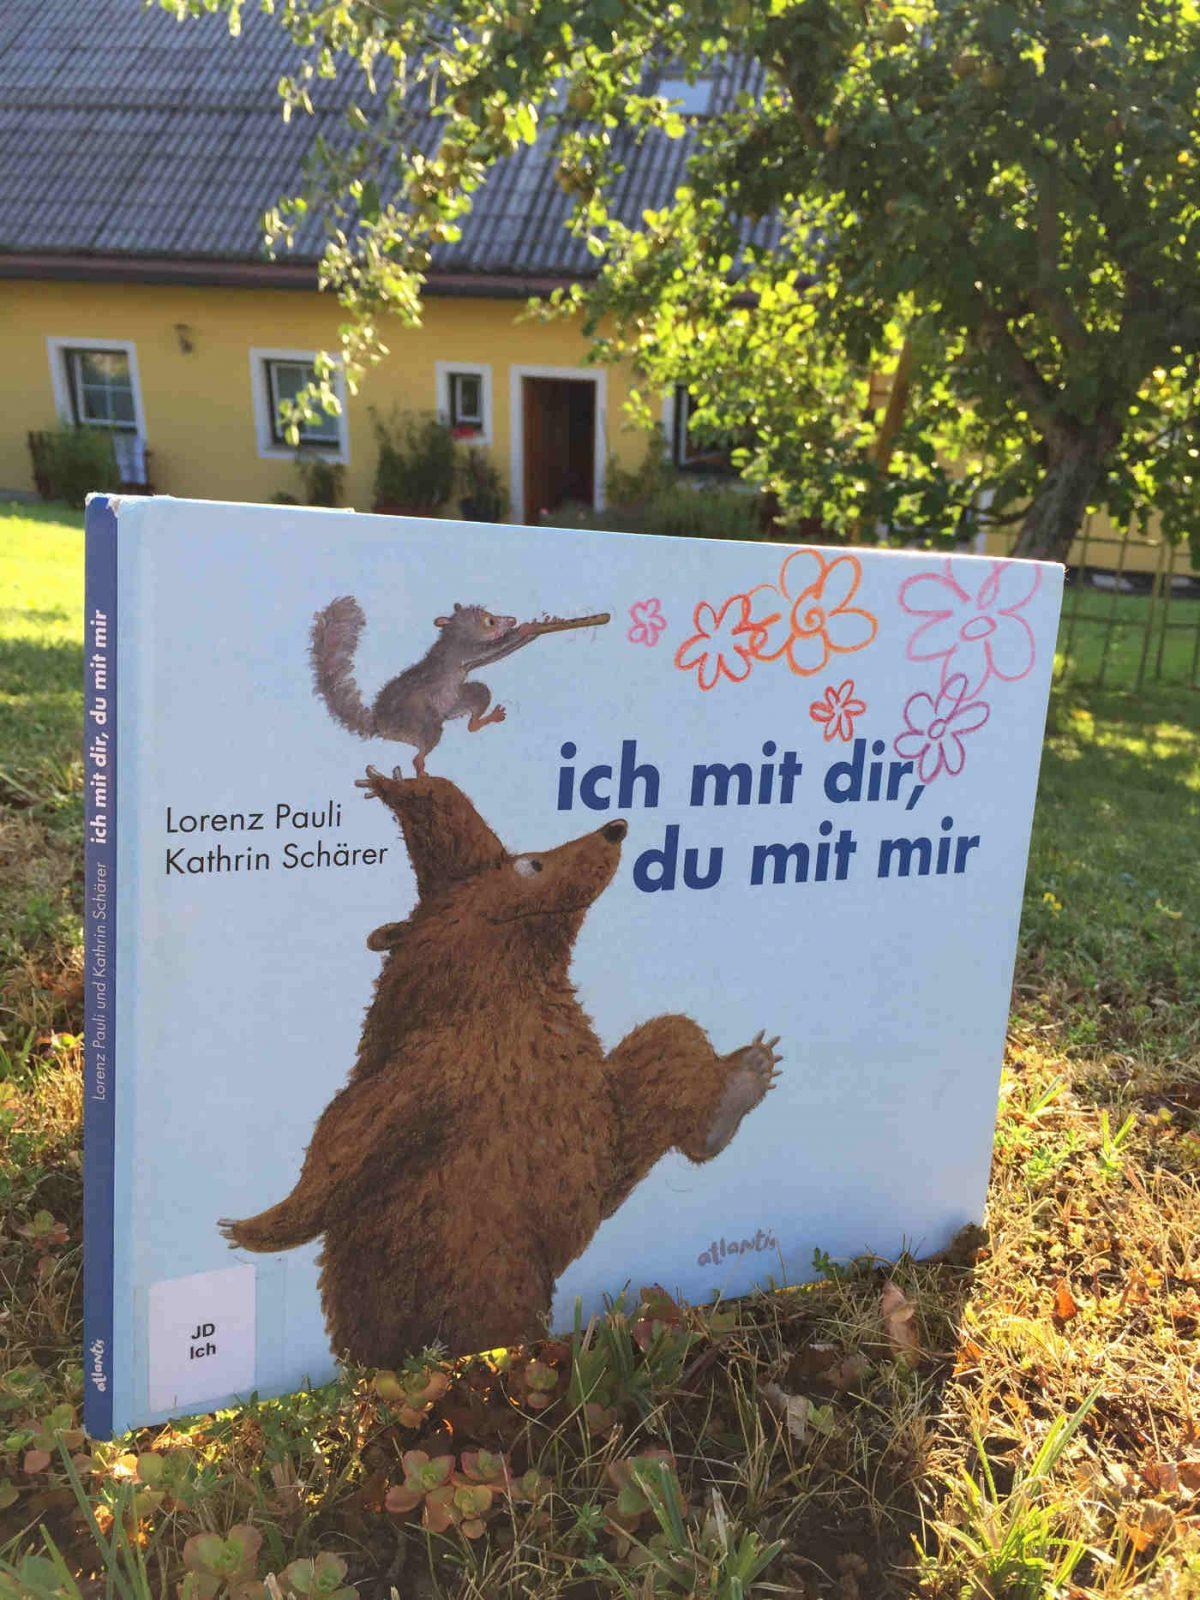 Lorenz Pauli Kathrin Schärer ich mit dir, du mit mir Buchempfehlung Kinderbuchblog Brigitte Wallinger geniales Bilderbuch Buchtipp